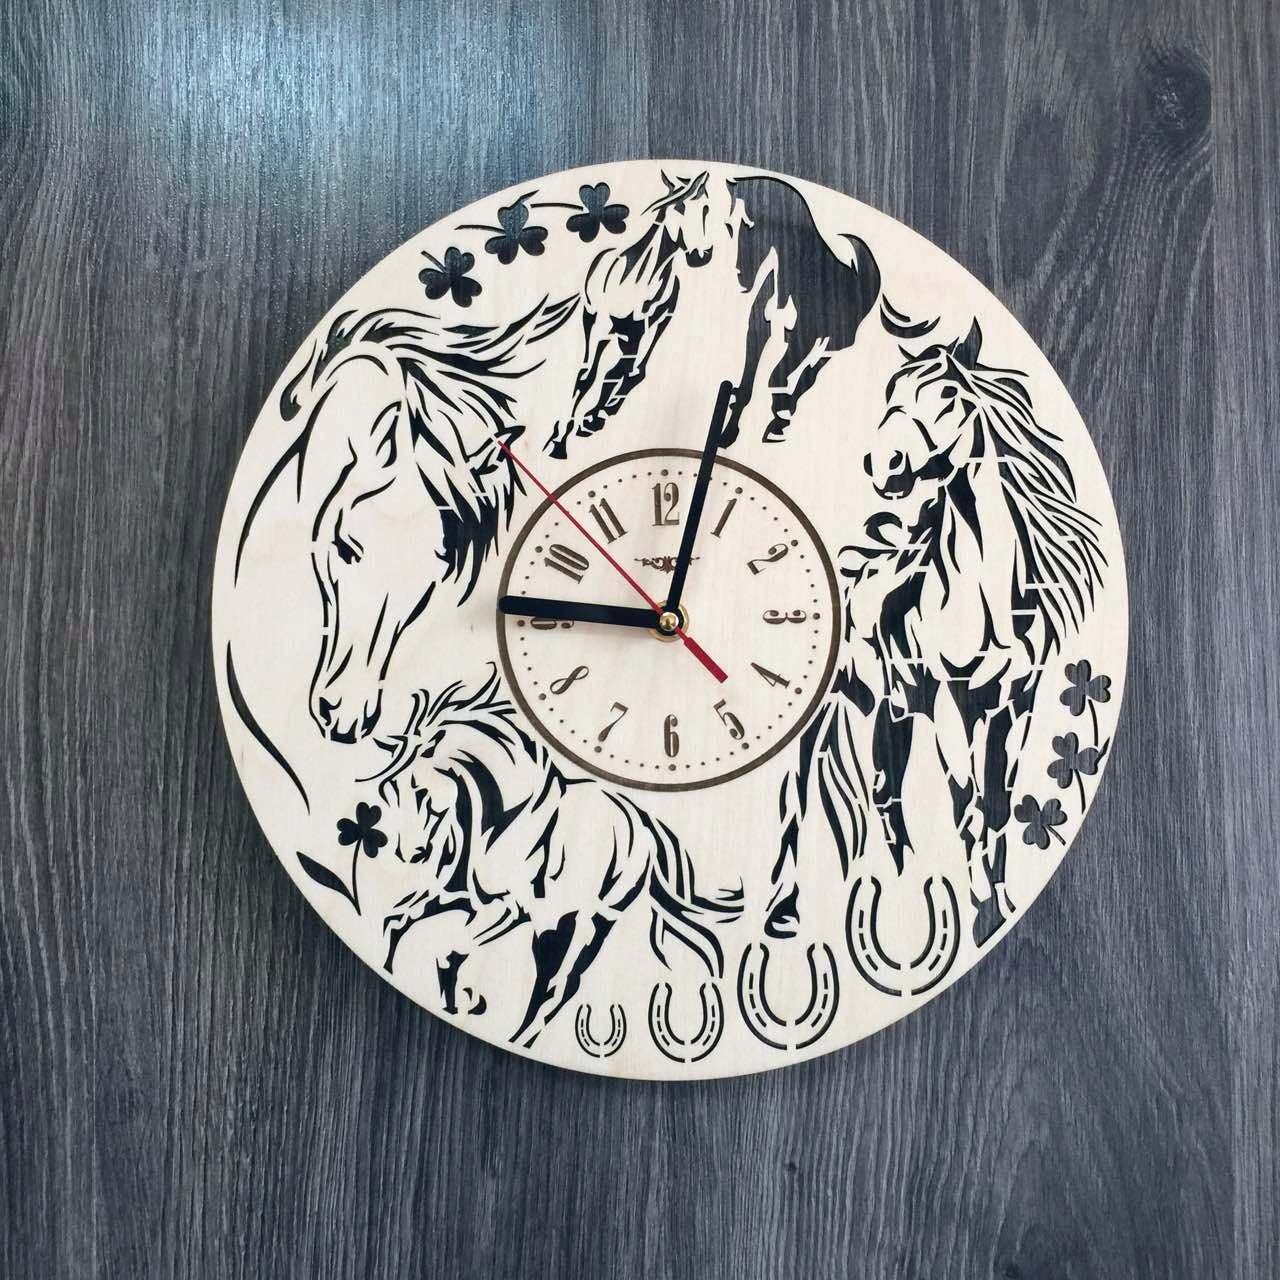 Универсальные часы настенные из натурального дерева Лошади CL-0227